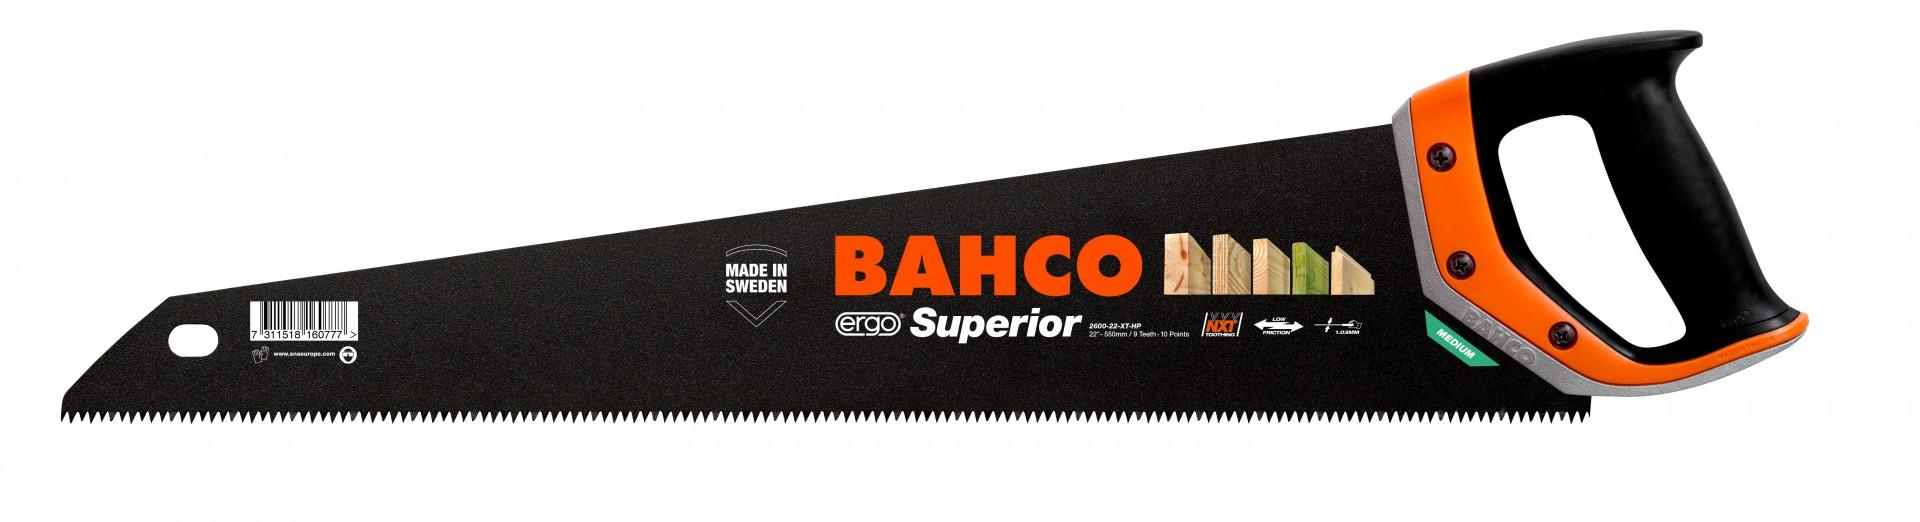 Piła do drewna płatnica 475 mm 9/10 TPI Superior Ergo Bahco (nr kat. 2600-19-XT-HP)